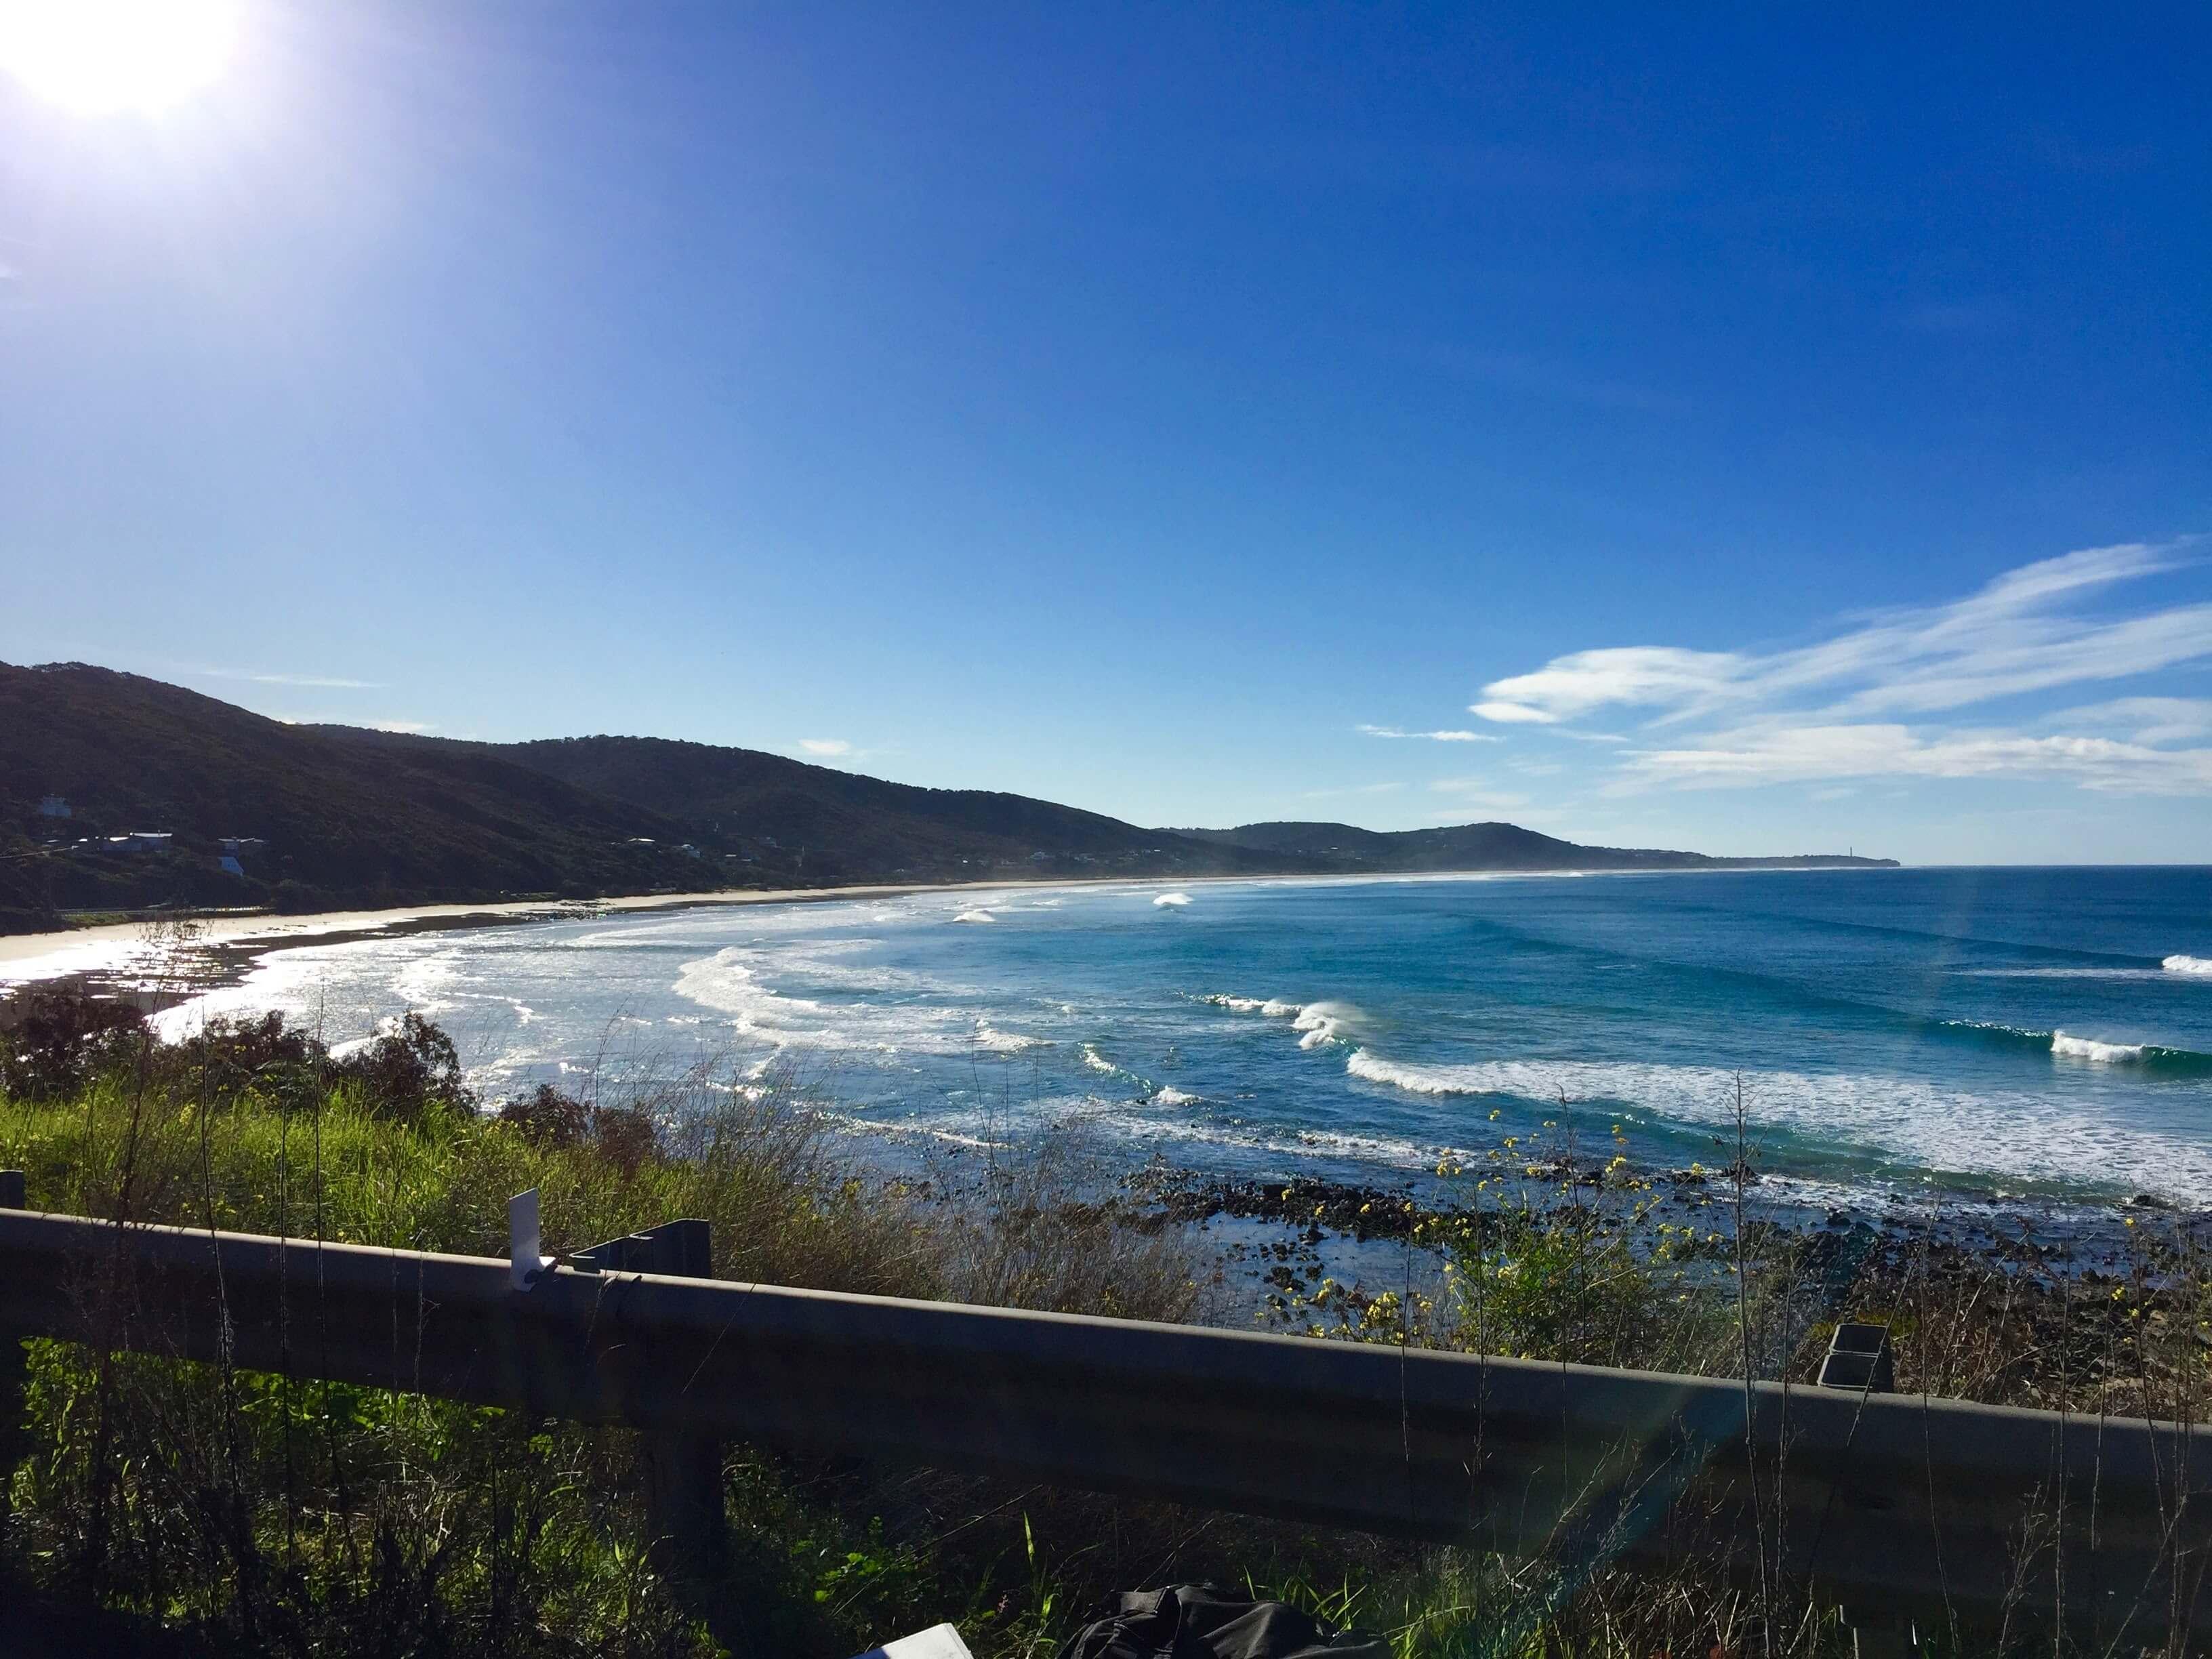 大洋路攻略 : 沿路超壯觀的海景